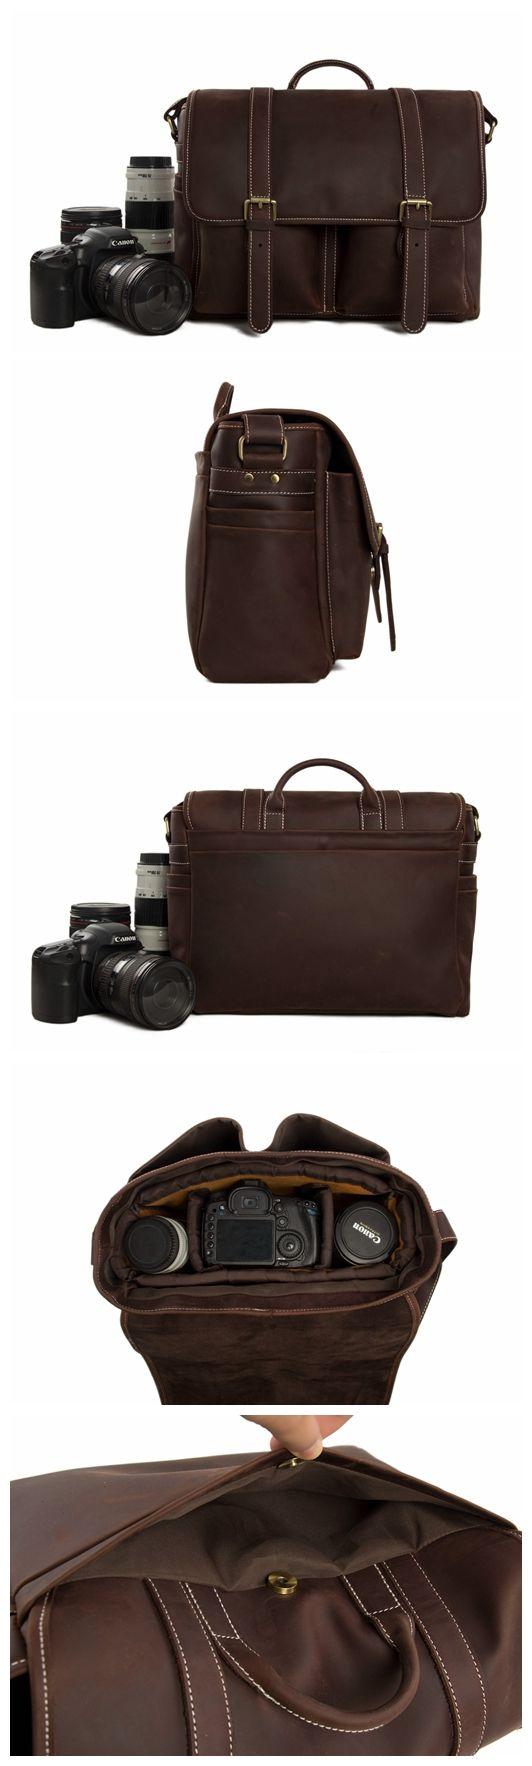 Vintage Genuine Leather DSLR Camera Bag SLR Camera Bag Leather Camera Bag